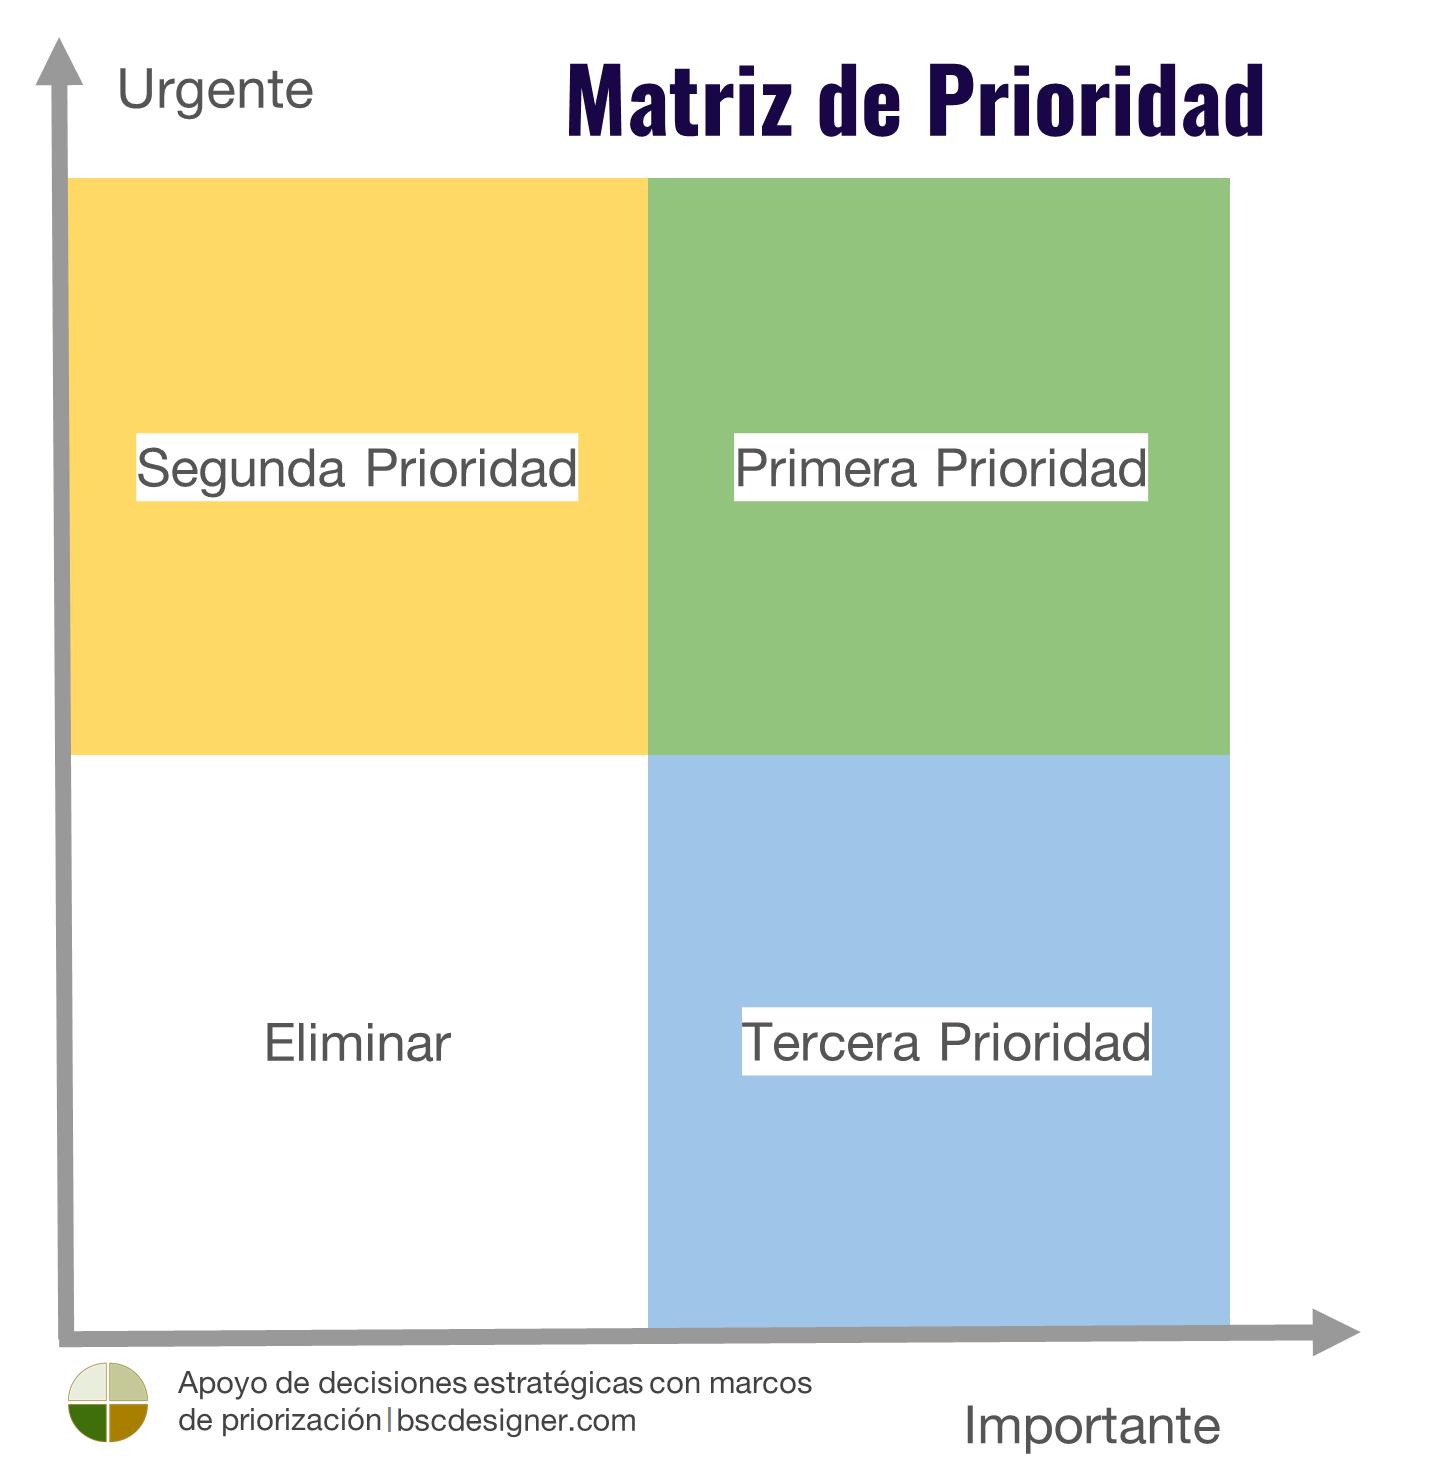 Matriz de Prioridad